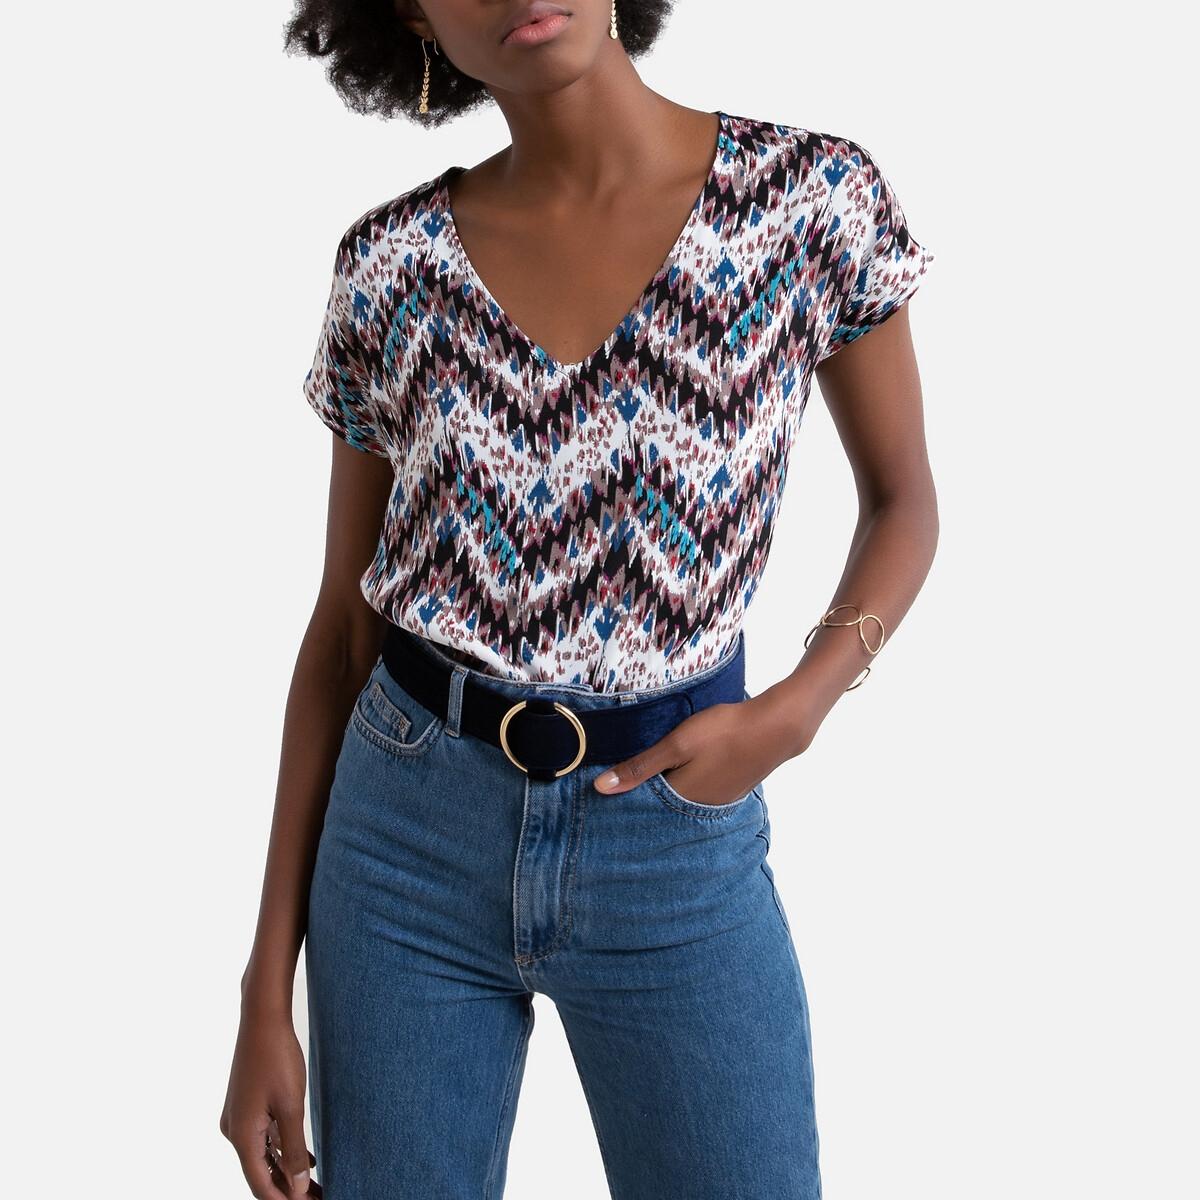 блузка женская oodji collection цвет бежевый бордовый 21400321 2 33116 3349e размер 36 42 170 Блузка LaRedoute С короткими рукавами и V-образным вырезом 36 (FR) - 42 (RUS) бежевый